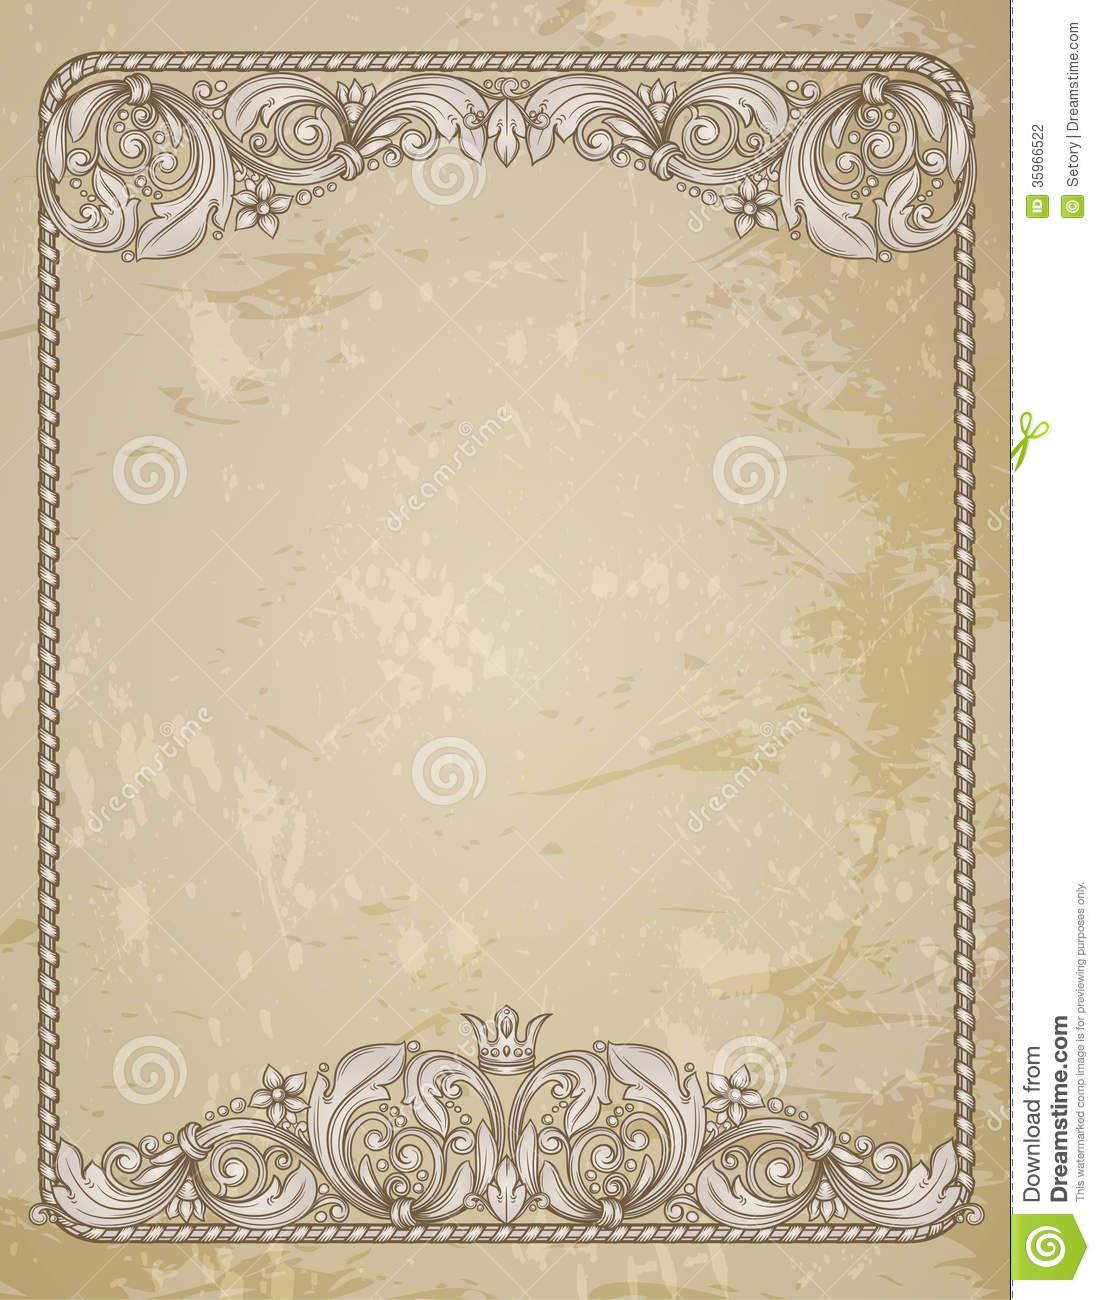 14 vintage frame border design images pink oval frame